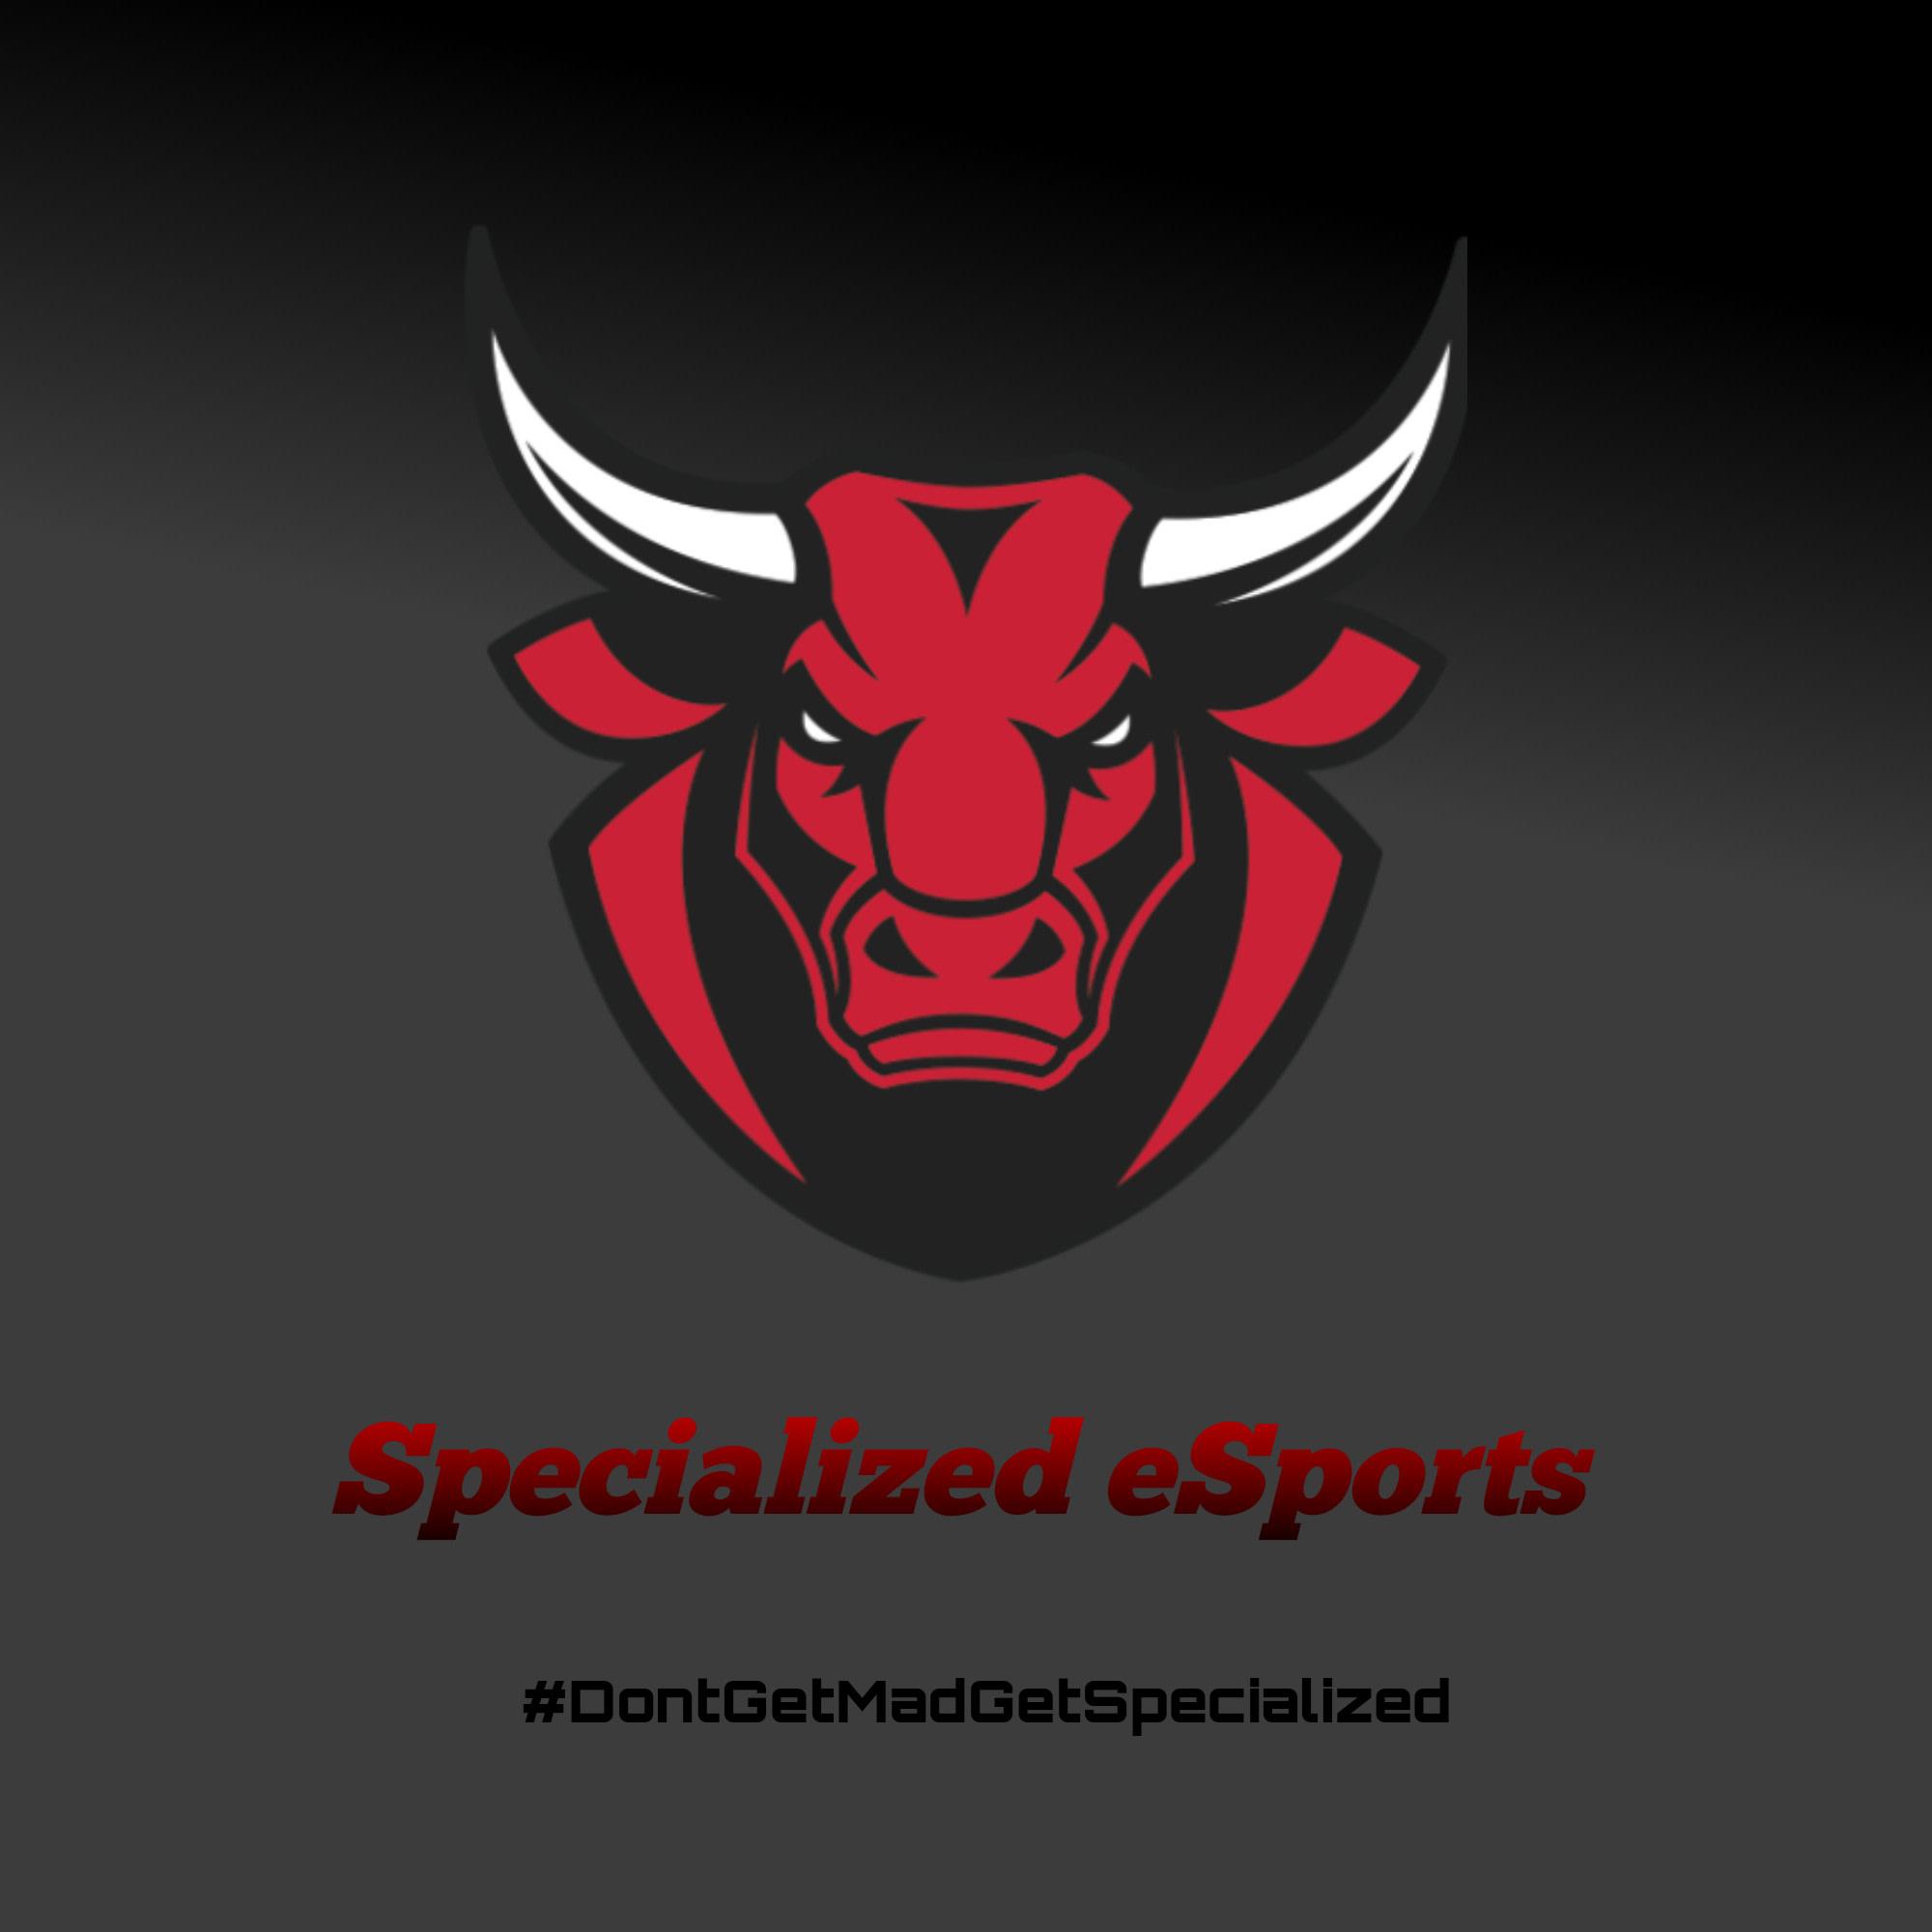 Specialized eSports